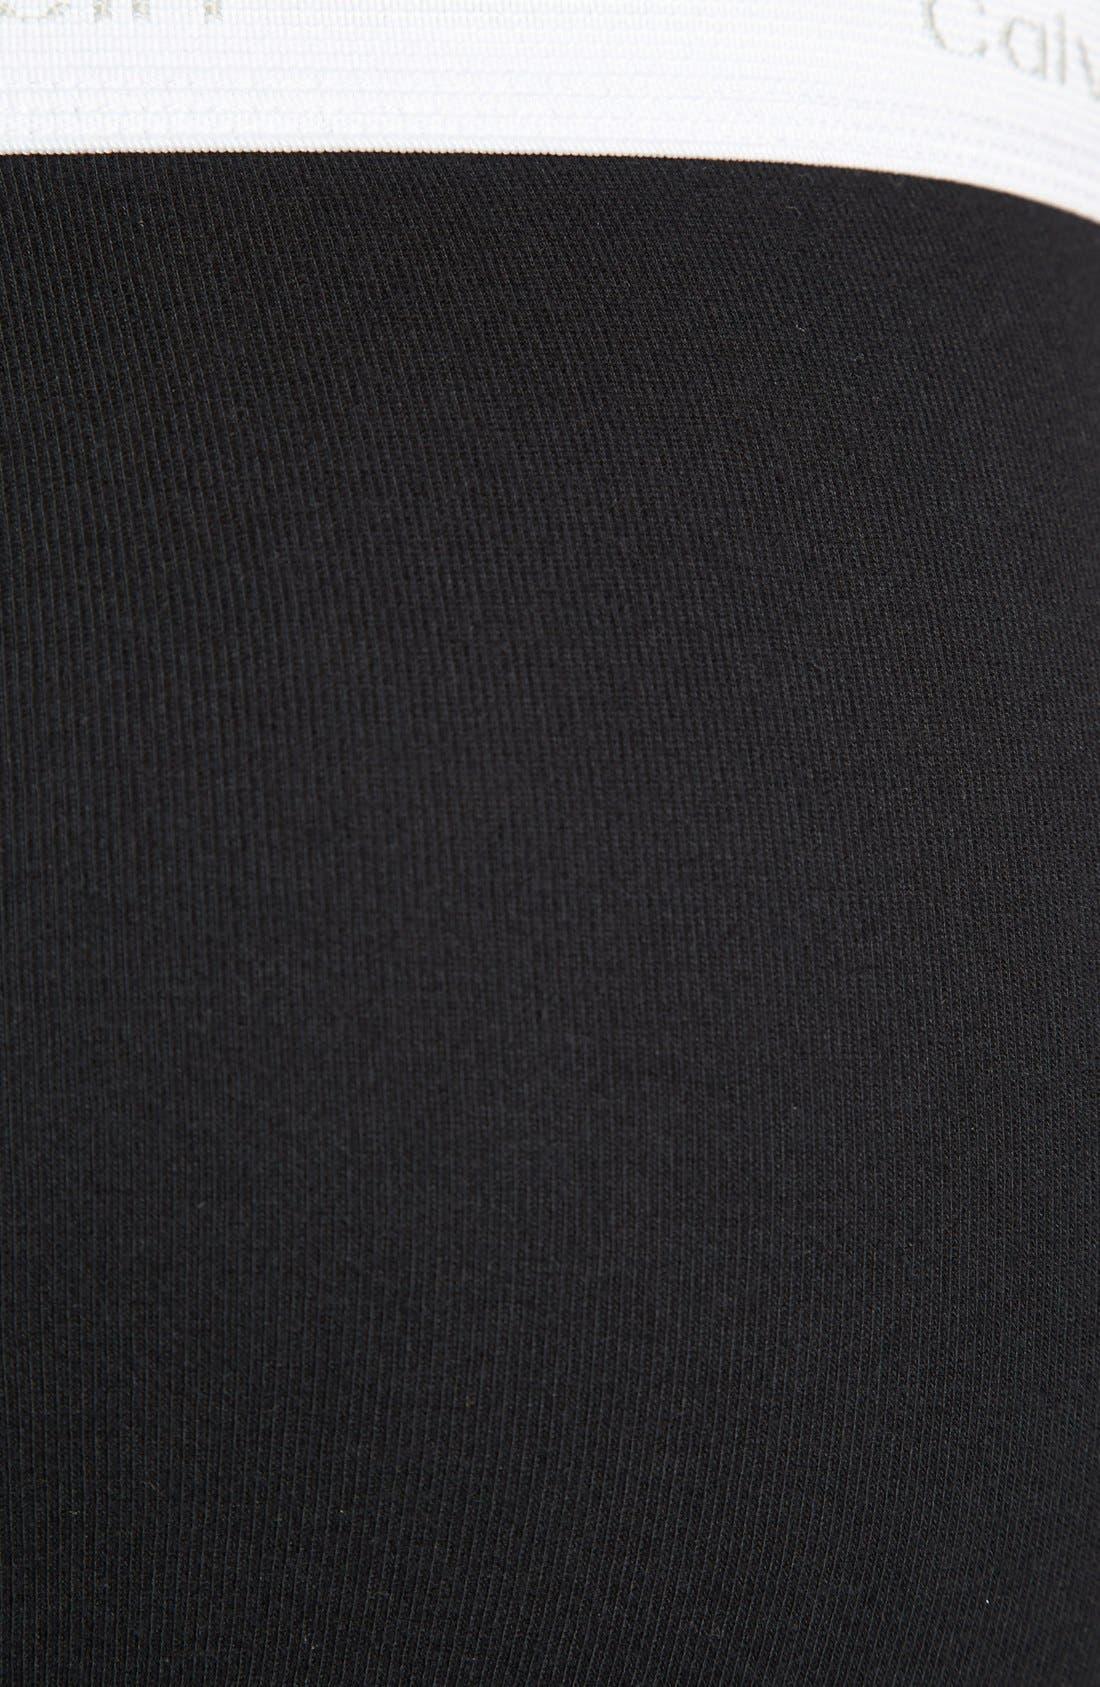 Alternate Image 3  - Calvin Klein 'U1000' Cotton Briefs (Assorted 3-Pack)